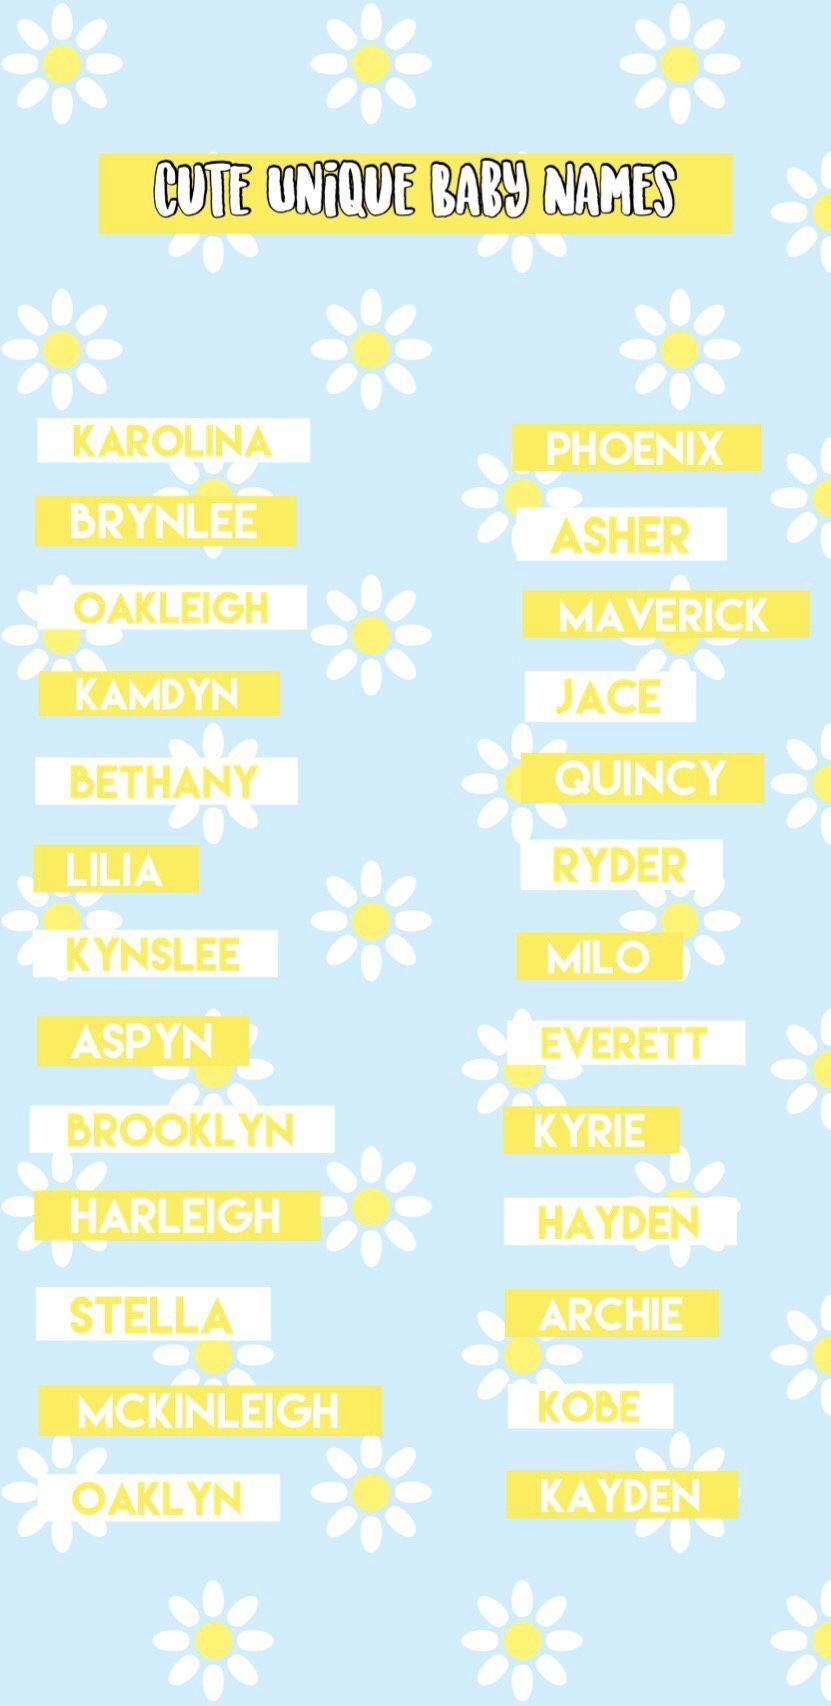 Cute Unique Baby Names 2020 in 2020 Cute unique baby